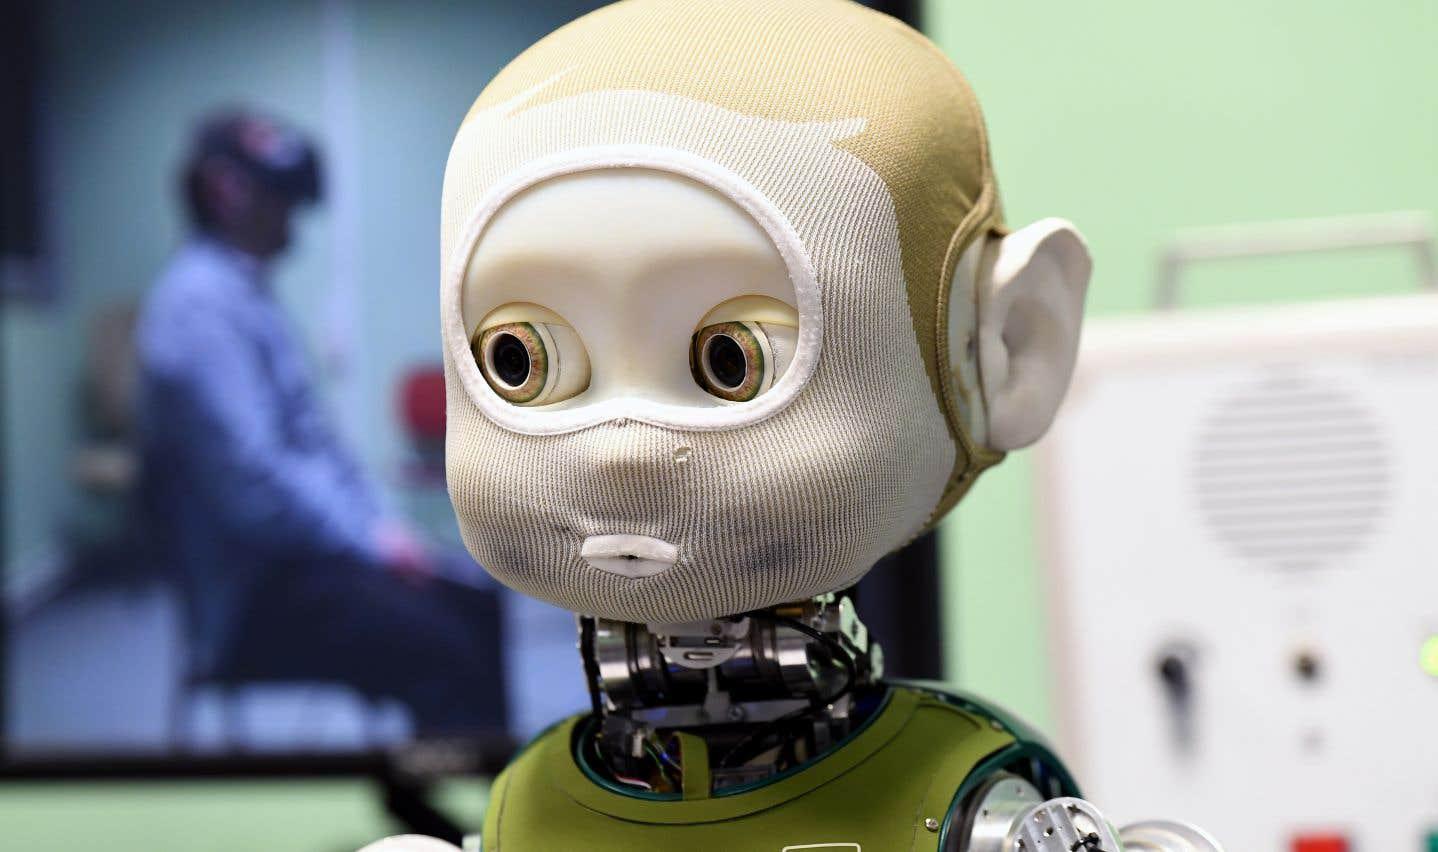 Des chercheurs ont étudié pendant quatre ans des relations en face-à-face pour que le robot humanoïde Nina ait des interactions «riches et naturelles» et qu'il puisse réagir de façon appropriée aux différentes situations qui se présentent à lui.